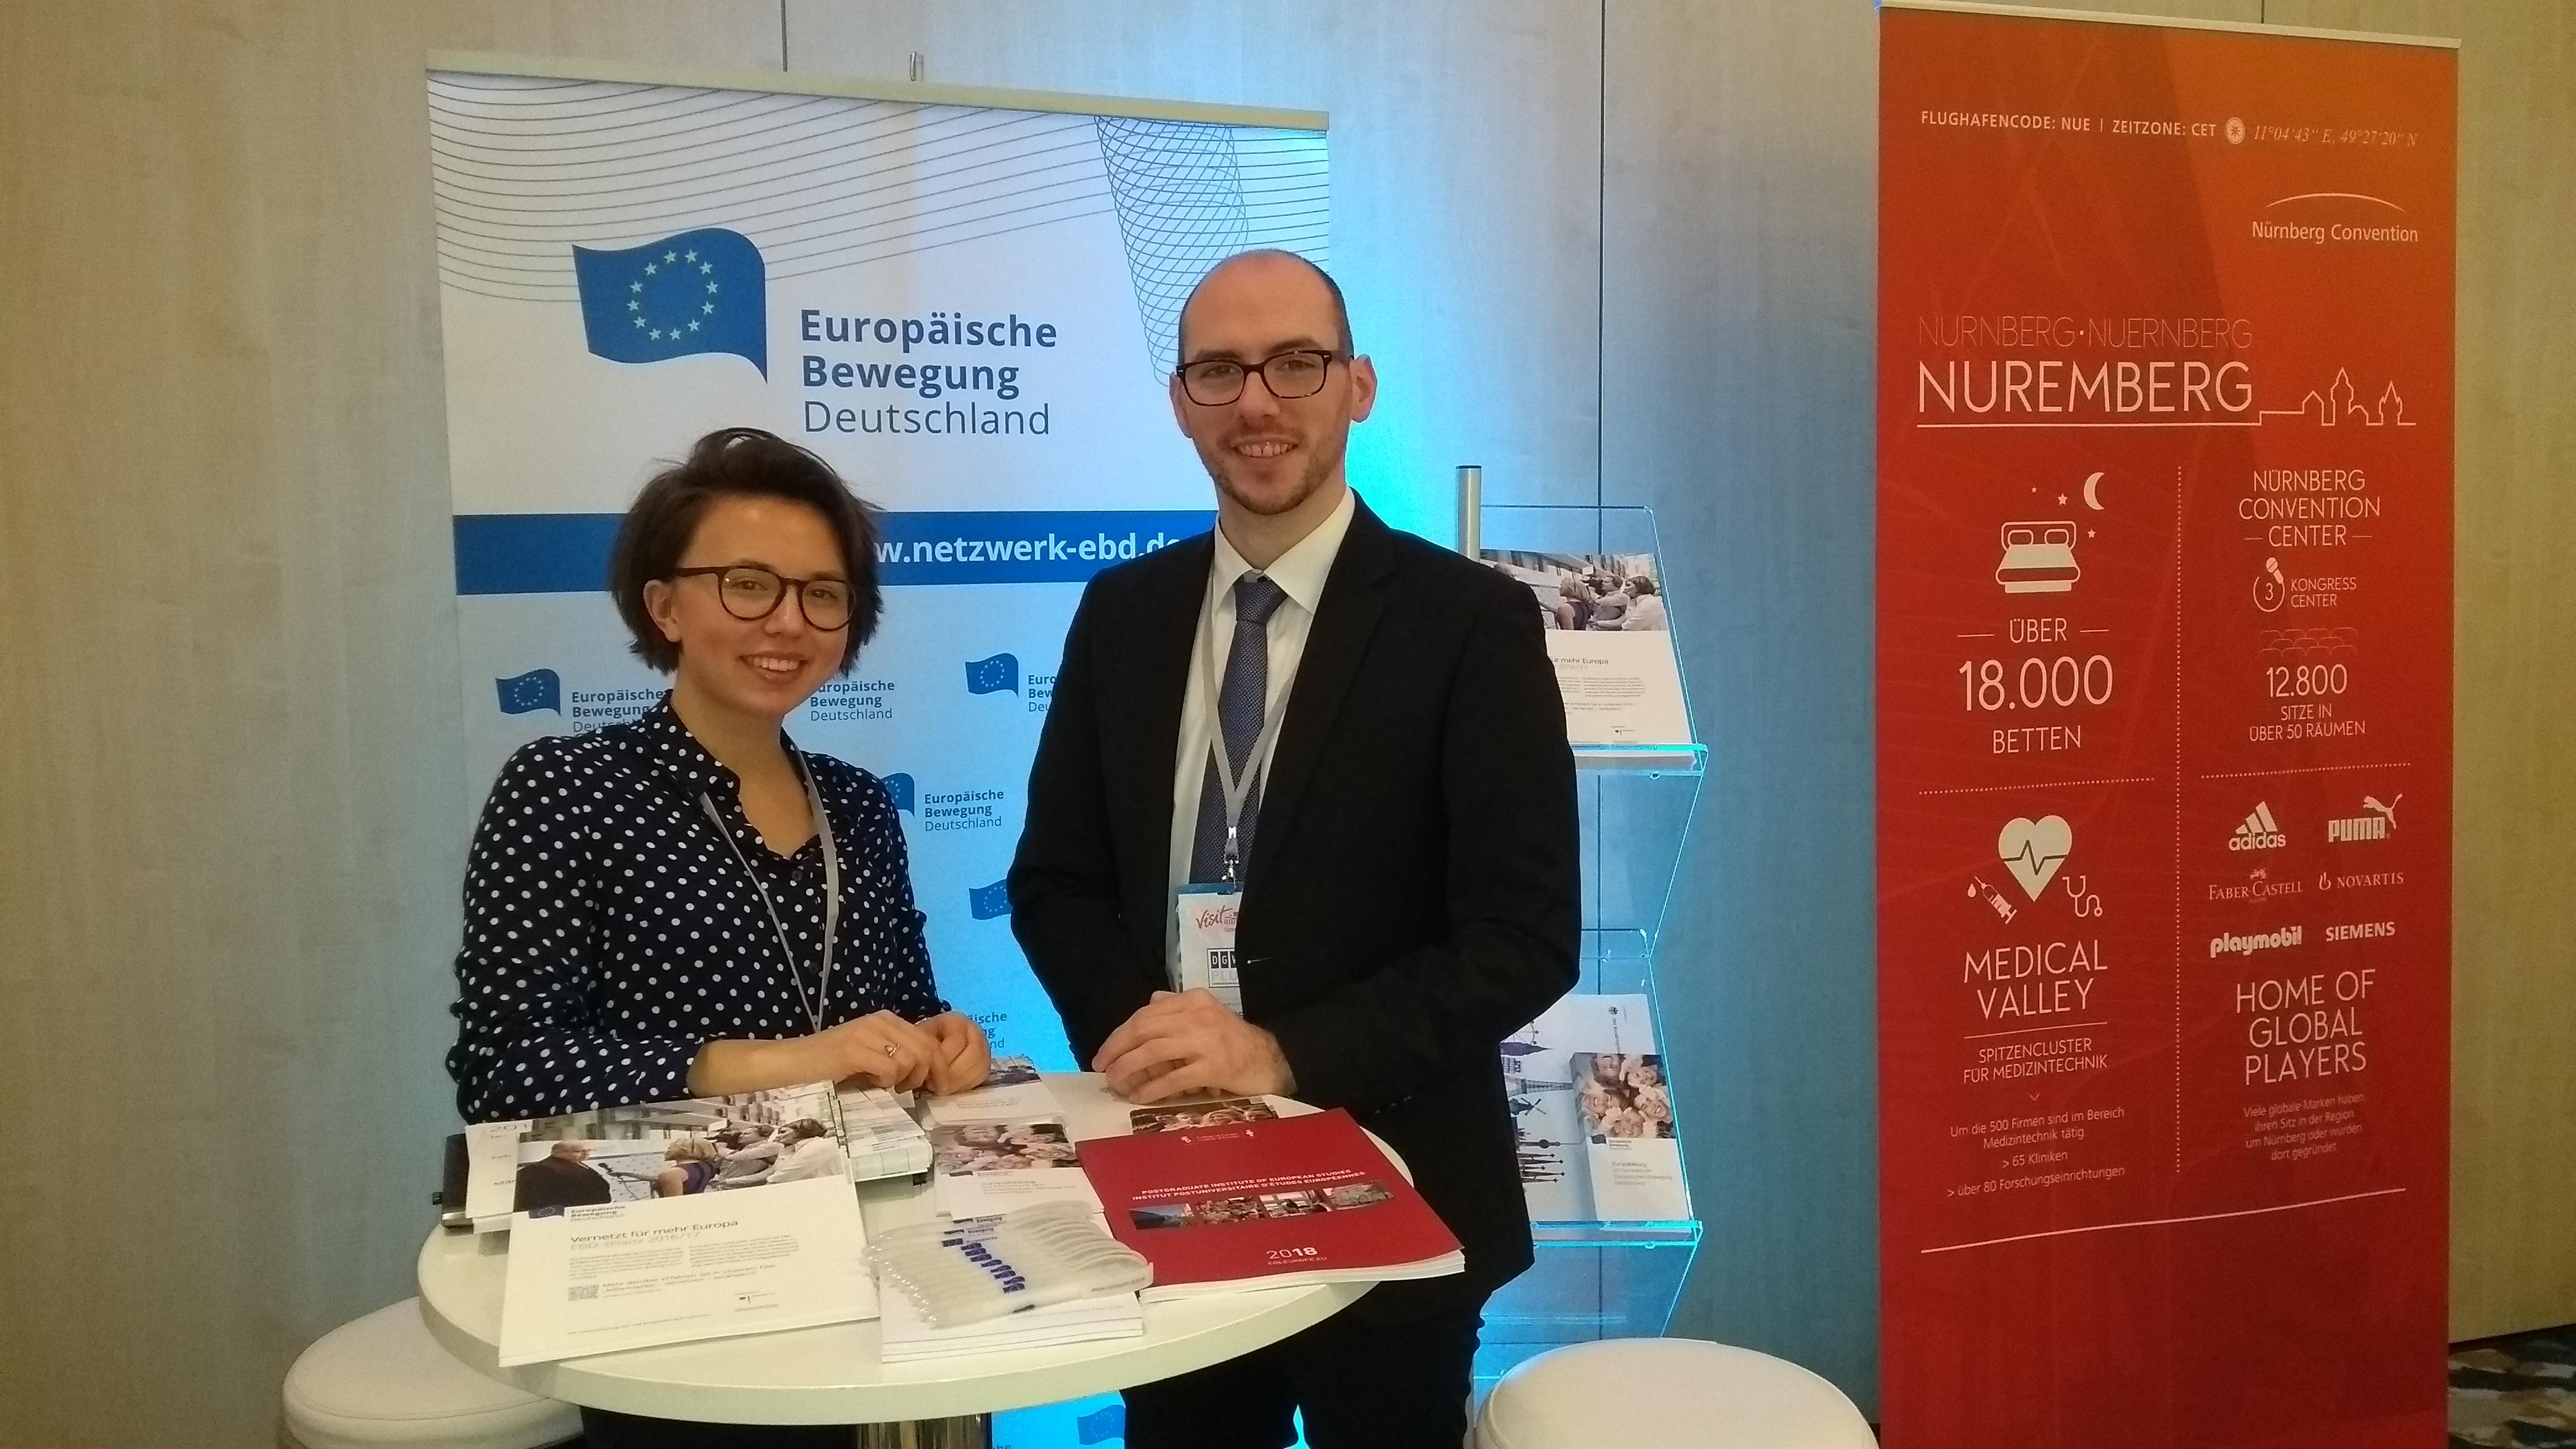 Die Europäische Bewegung Deutschland auf dem 16. Deutschen Verbändekongress